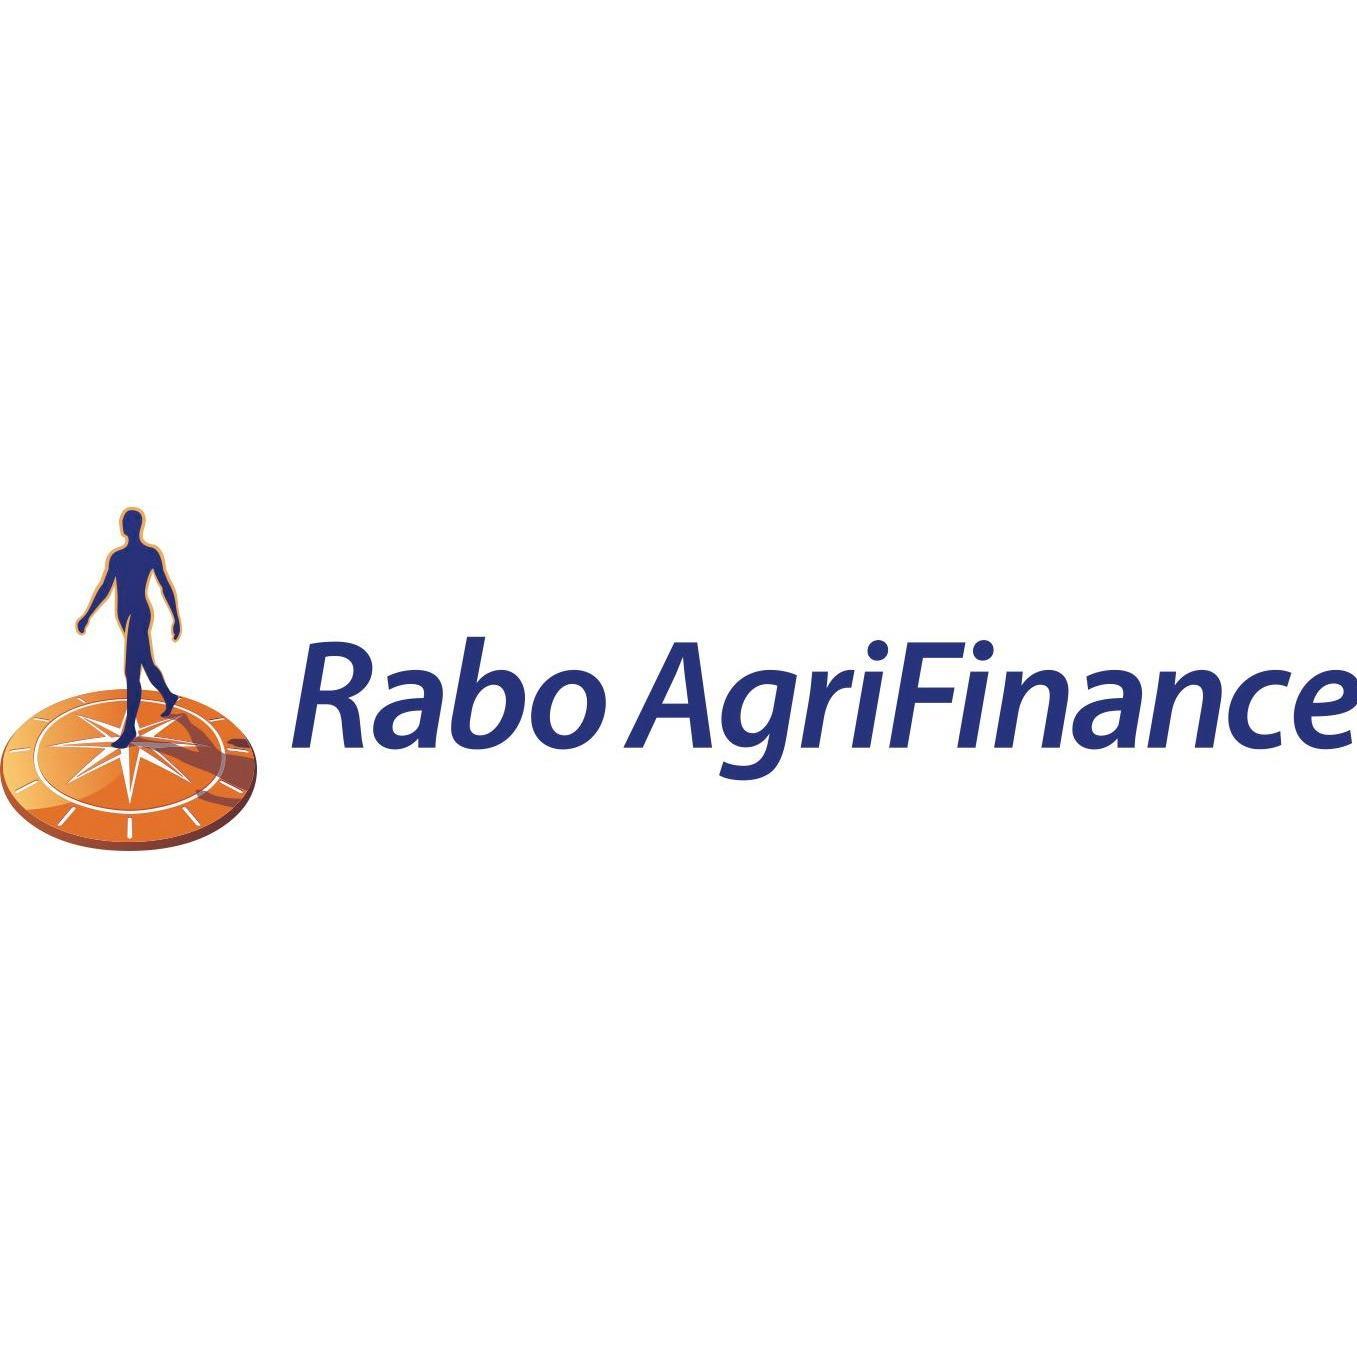 Rabo AgriFinance